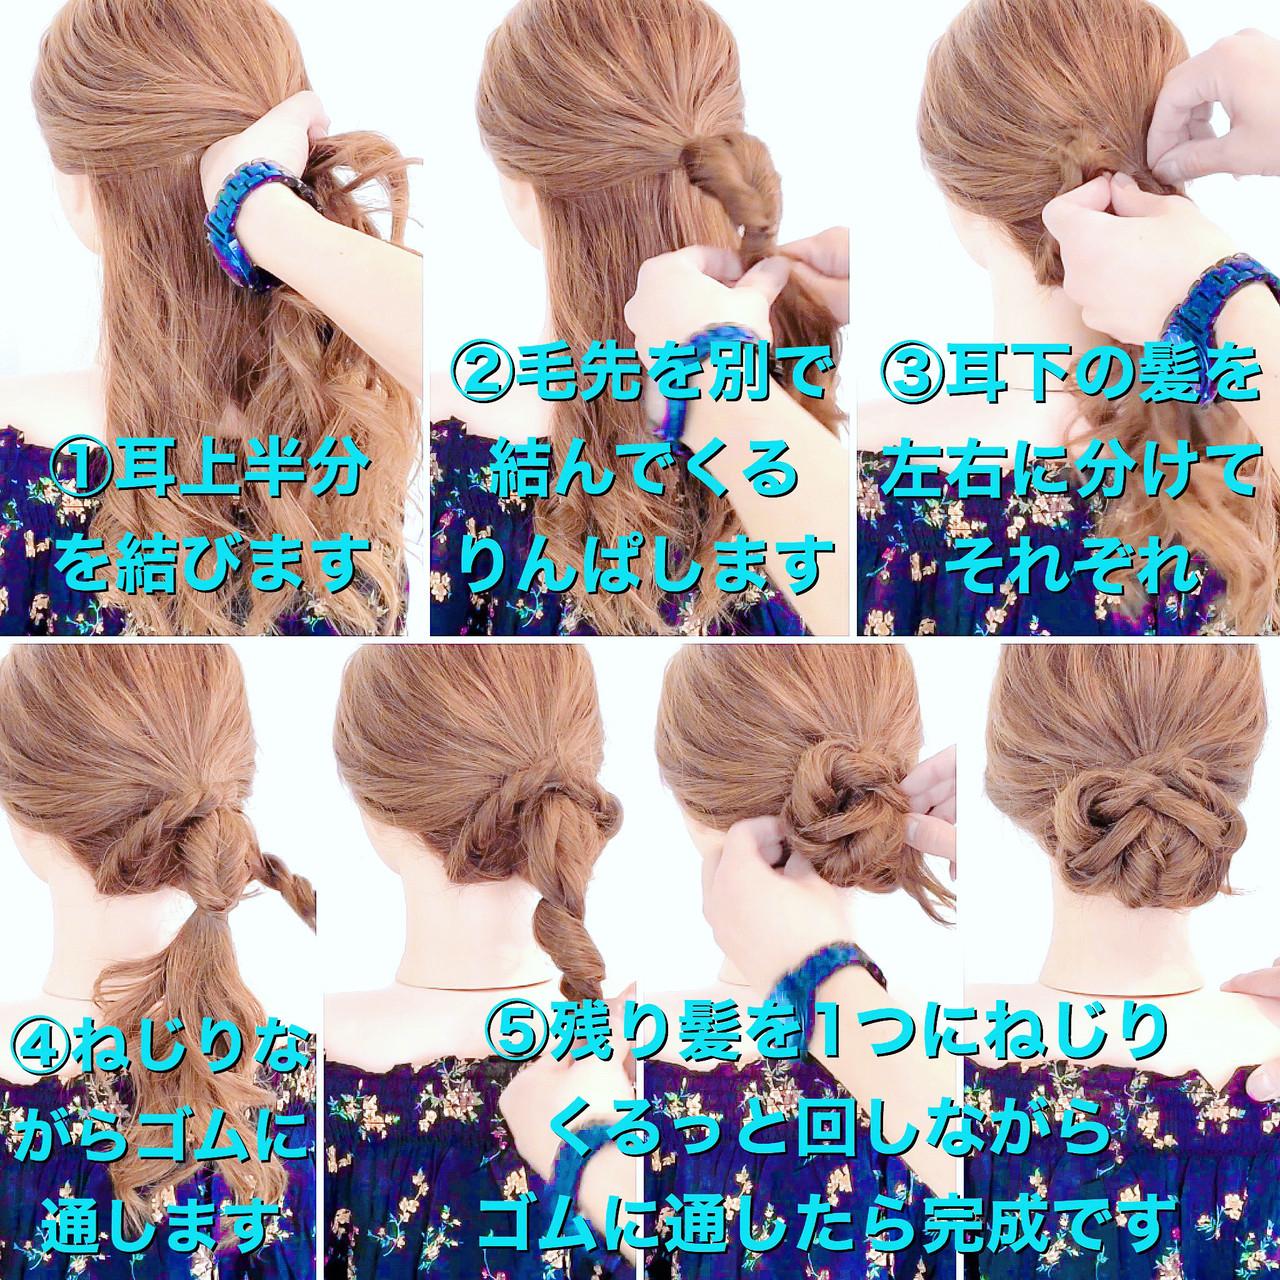 ヘアアレンジ ロング ヘアセット セルフヘアアレンジ ヘアスタイルや髪型の写真・画像 | 美容師HIRO/Amoute代表 / Amoute/アムティ